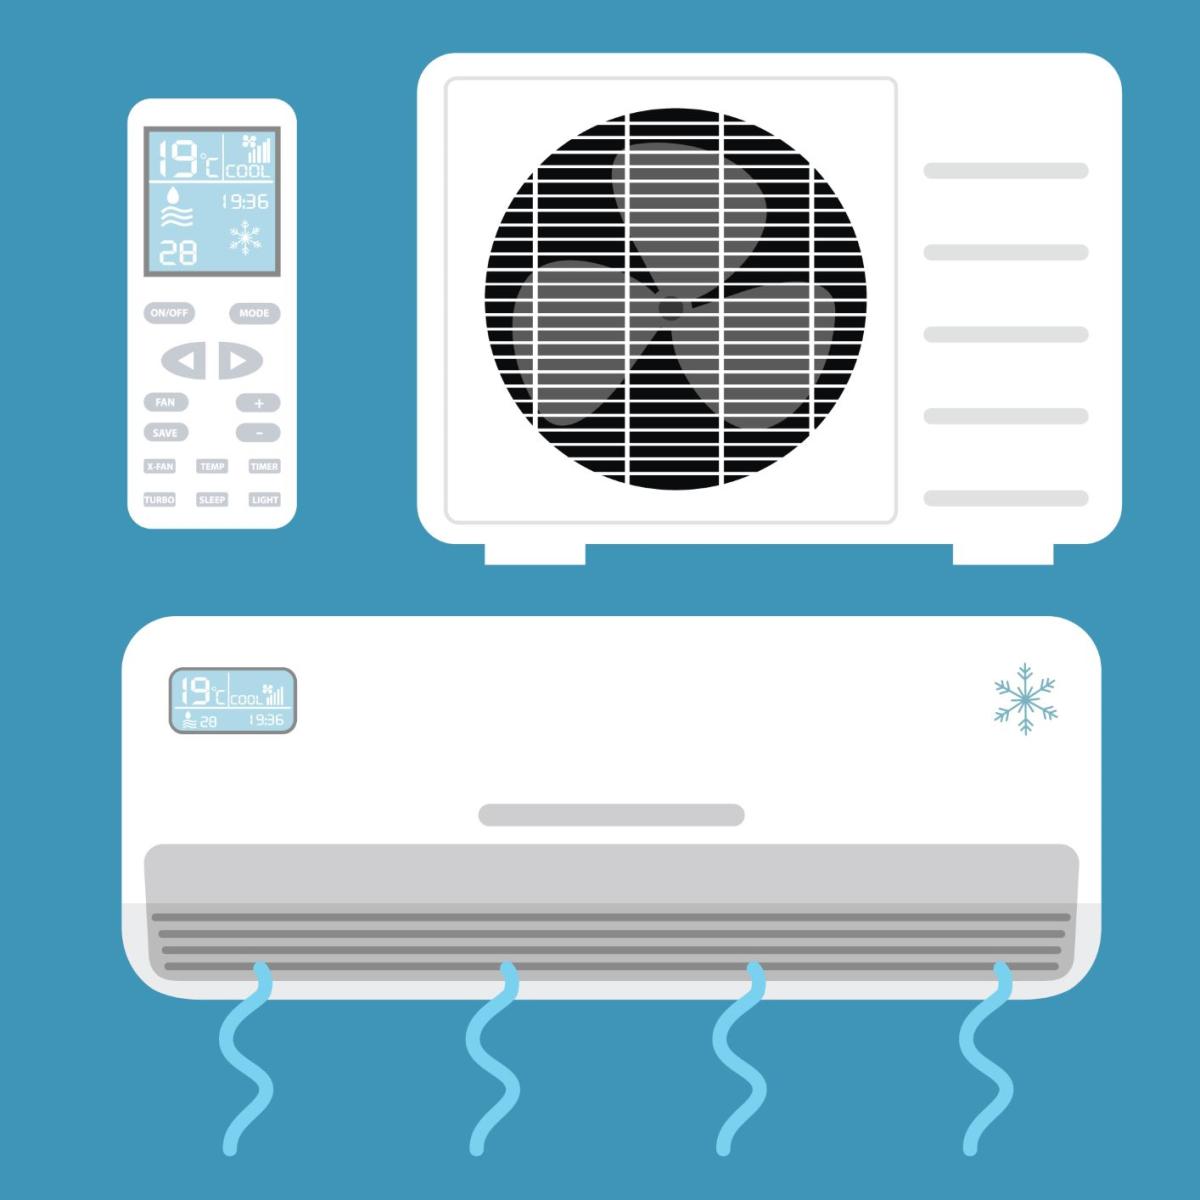 Cauți cele mai bune oferte de aer condiționat? Află cei 4 factori importanți de luat în considerare când alegi aparatul de aercondiționat